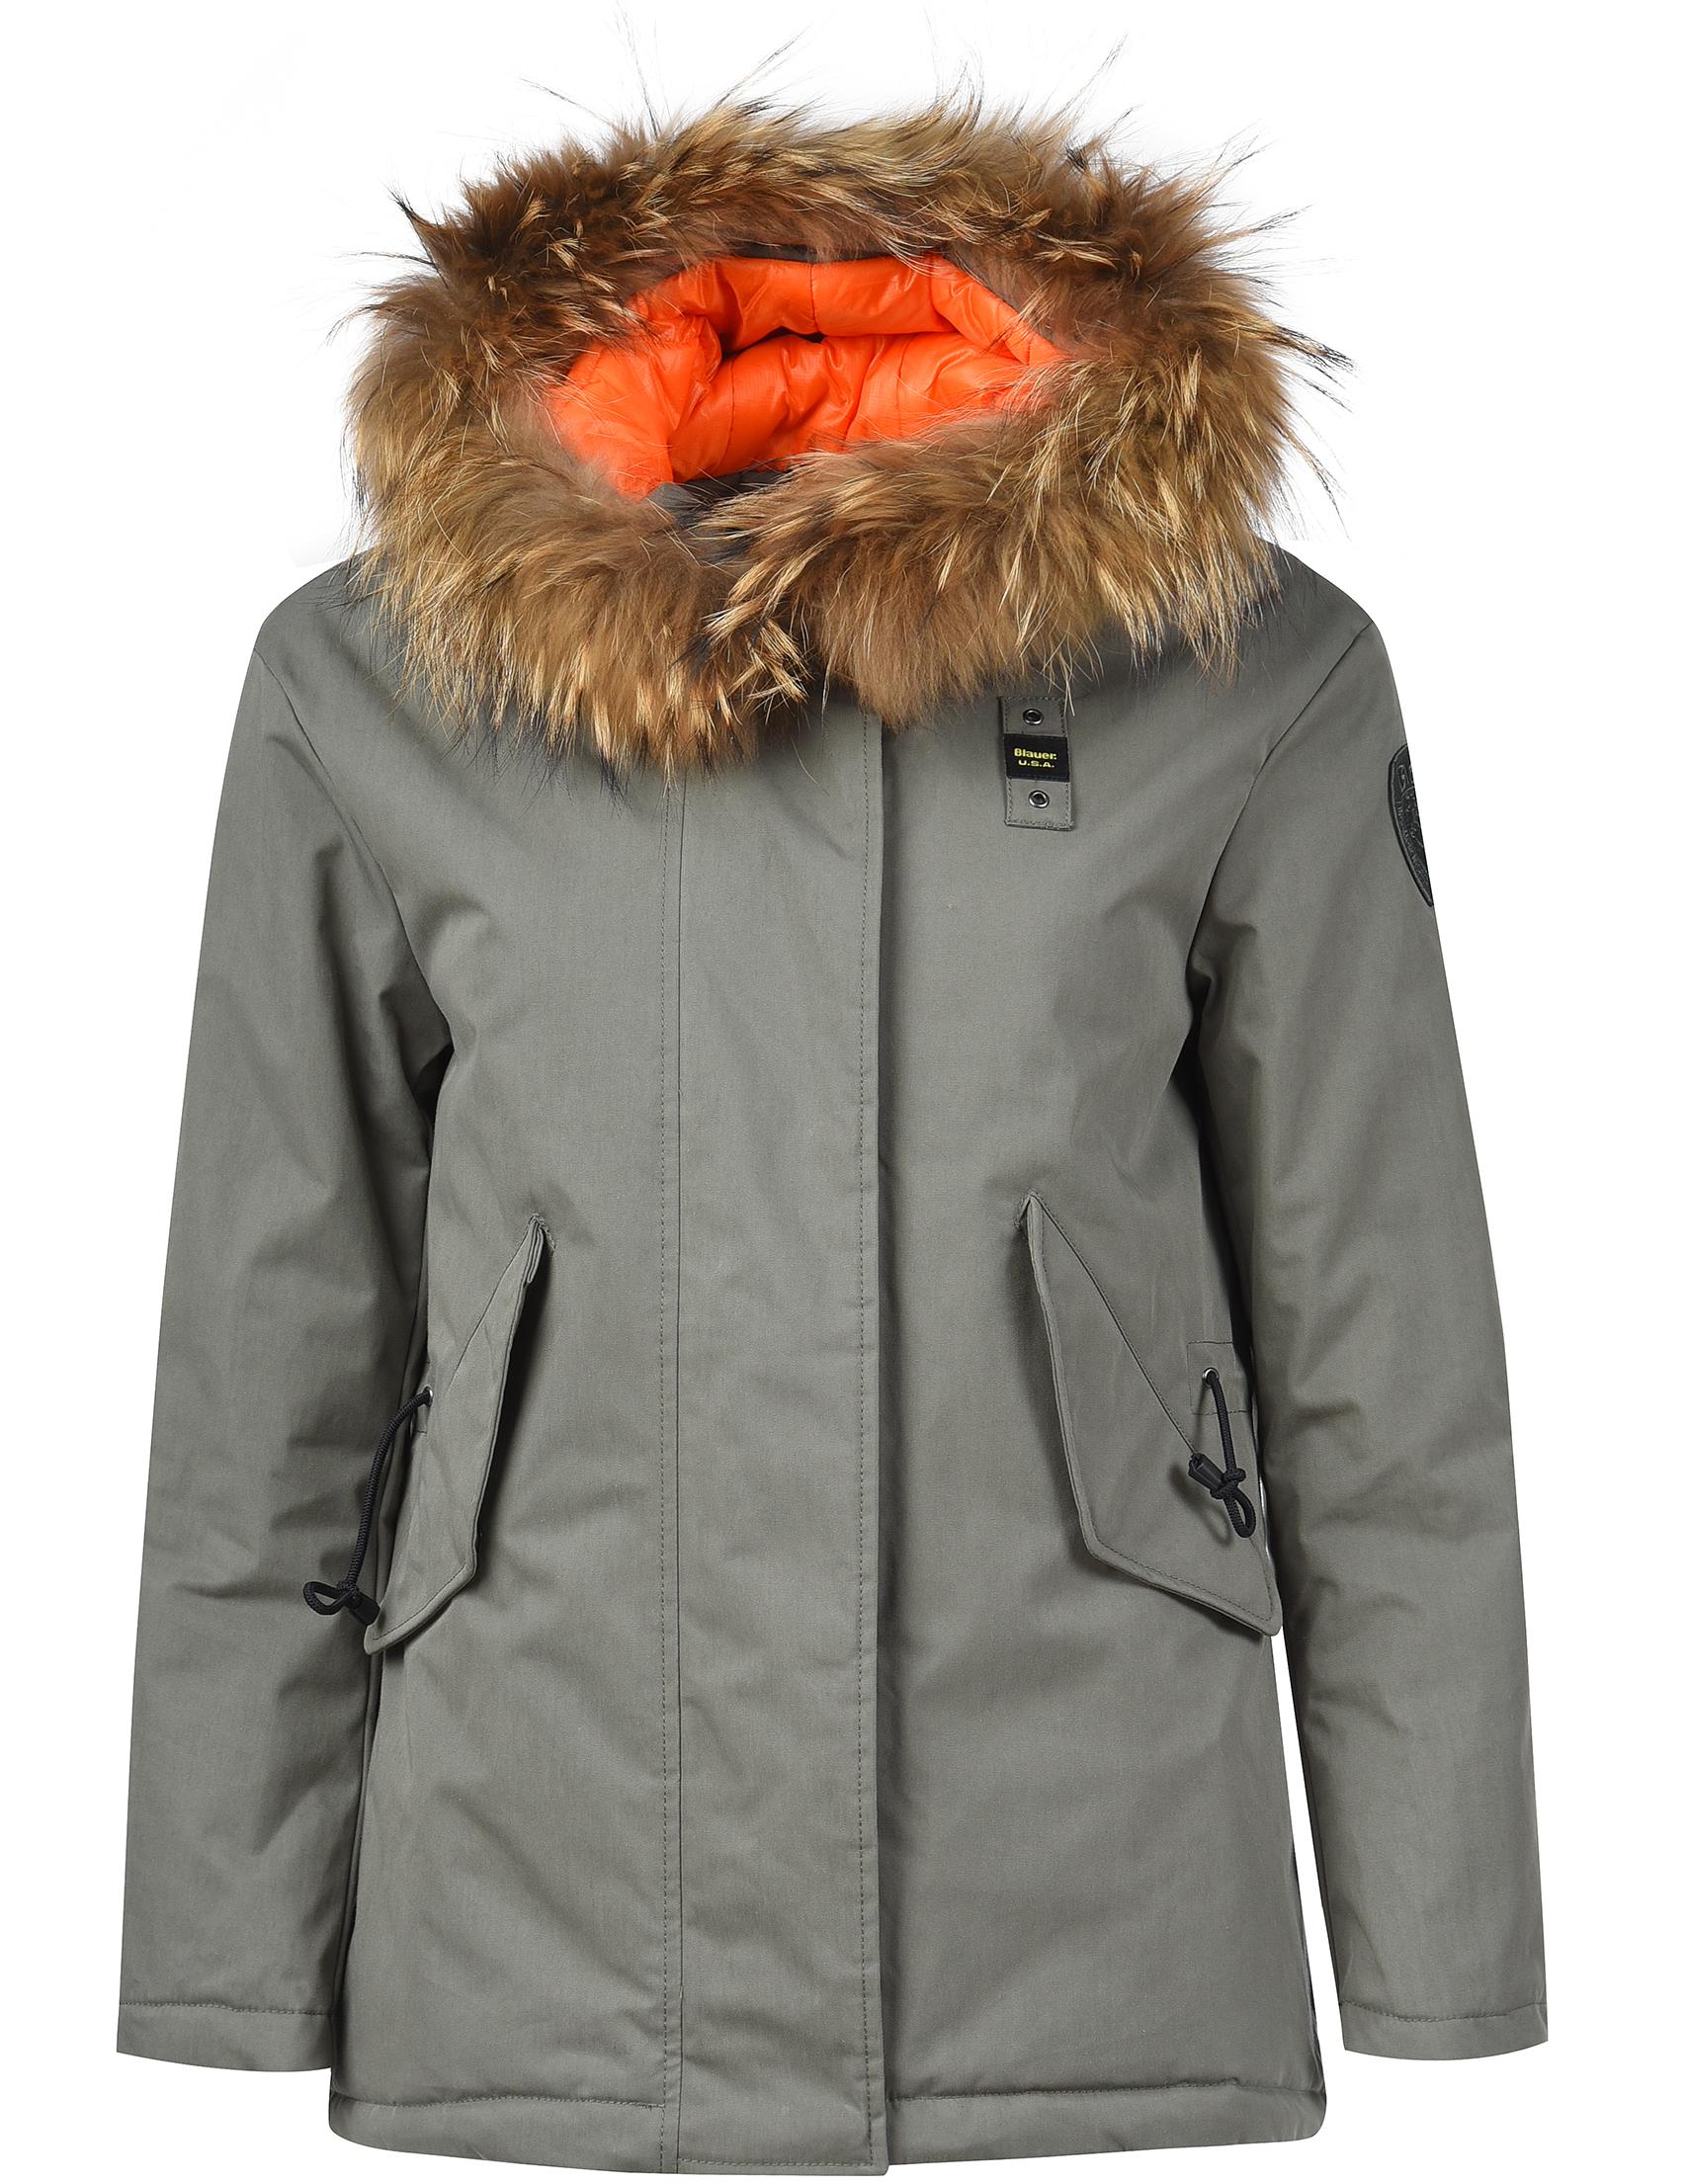 Купить Куртка, BLAUER, Зеленый, 67%Полиэстер 21%Хлопок 12%Полиамид;100%Полиэстер, Осень-Зима